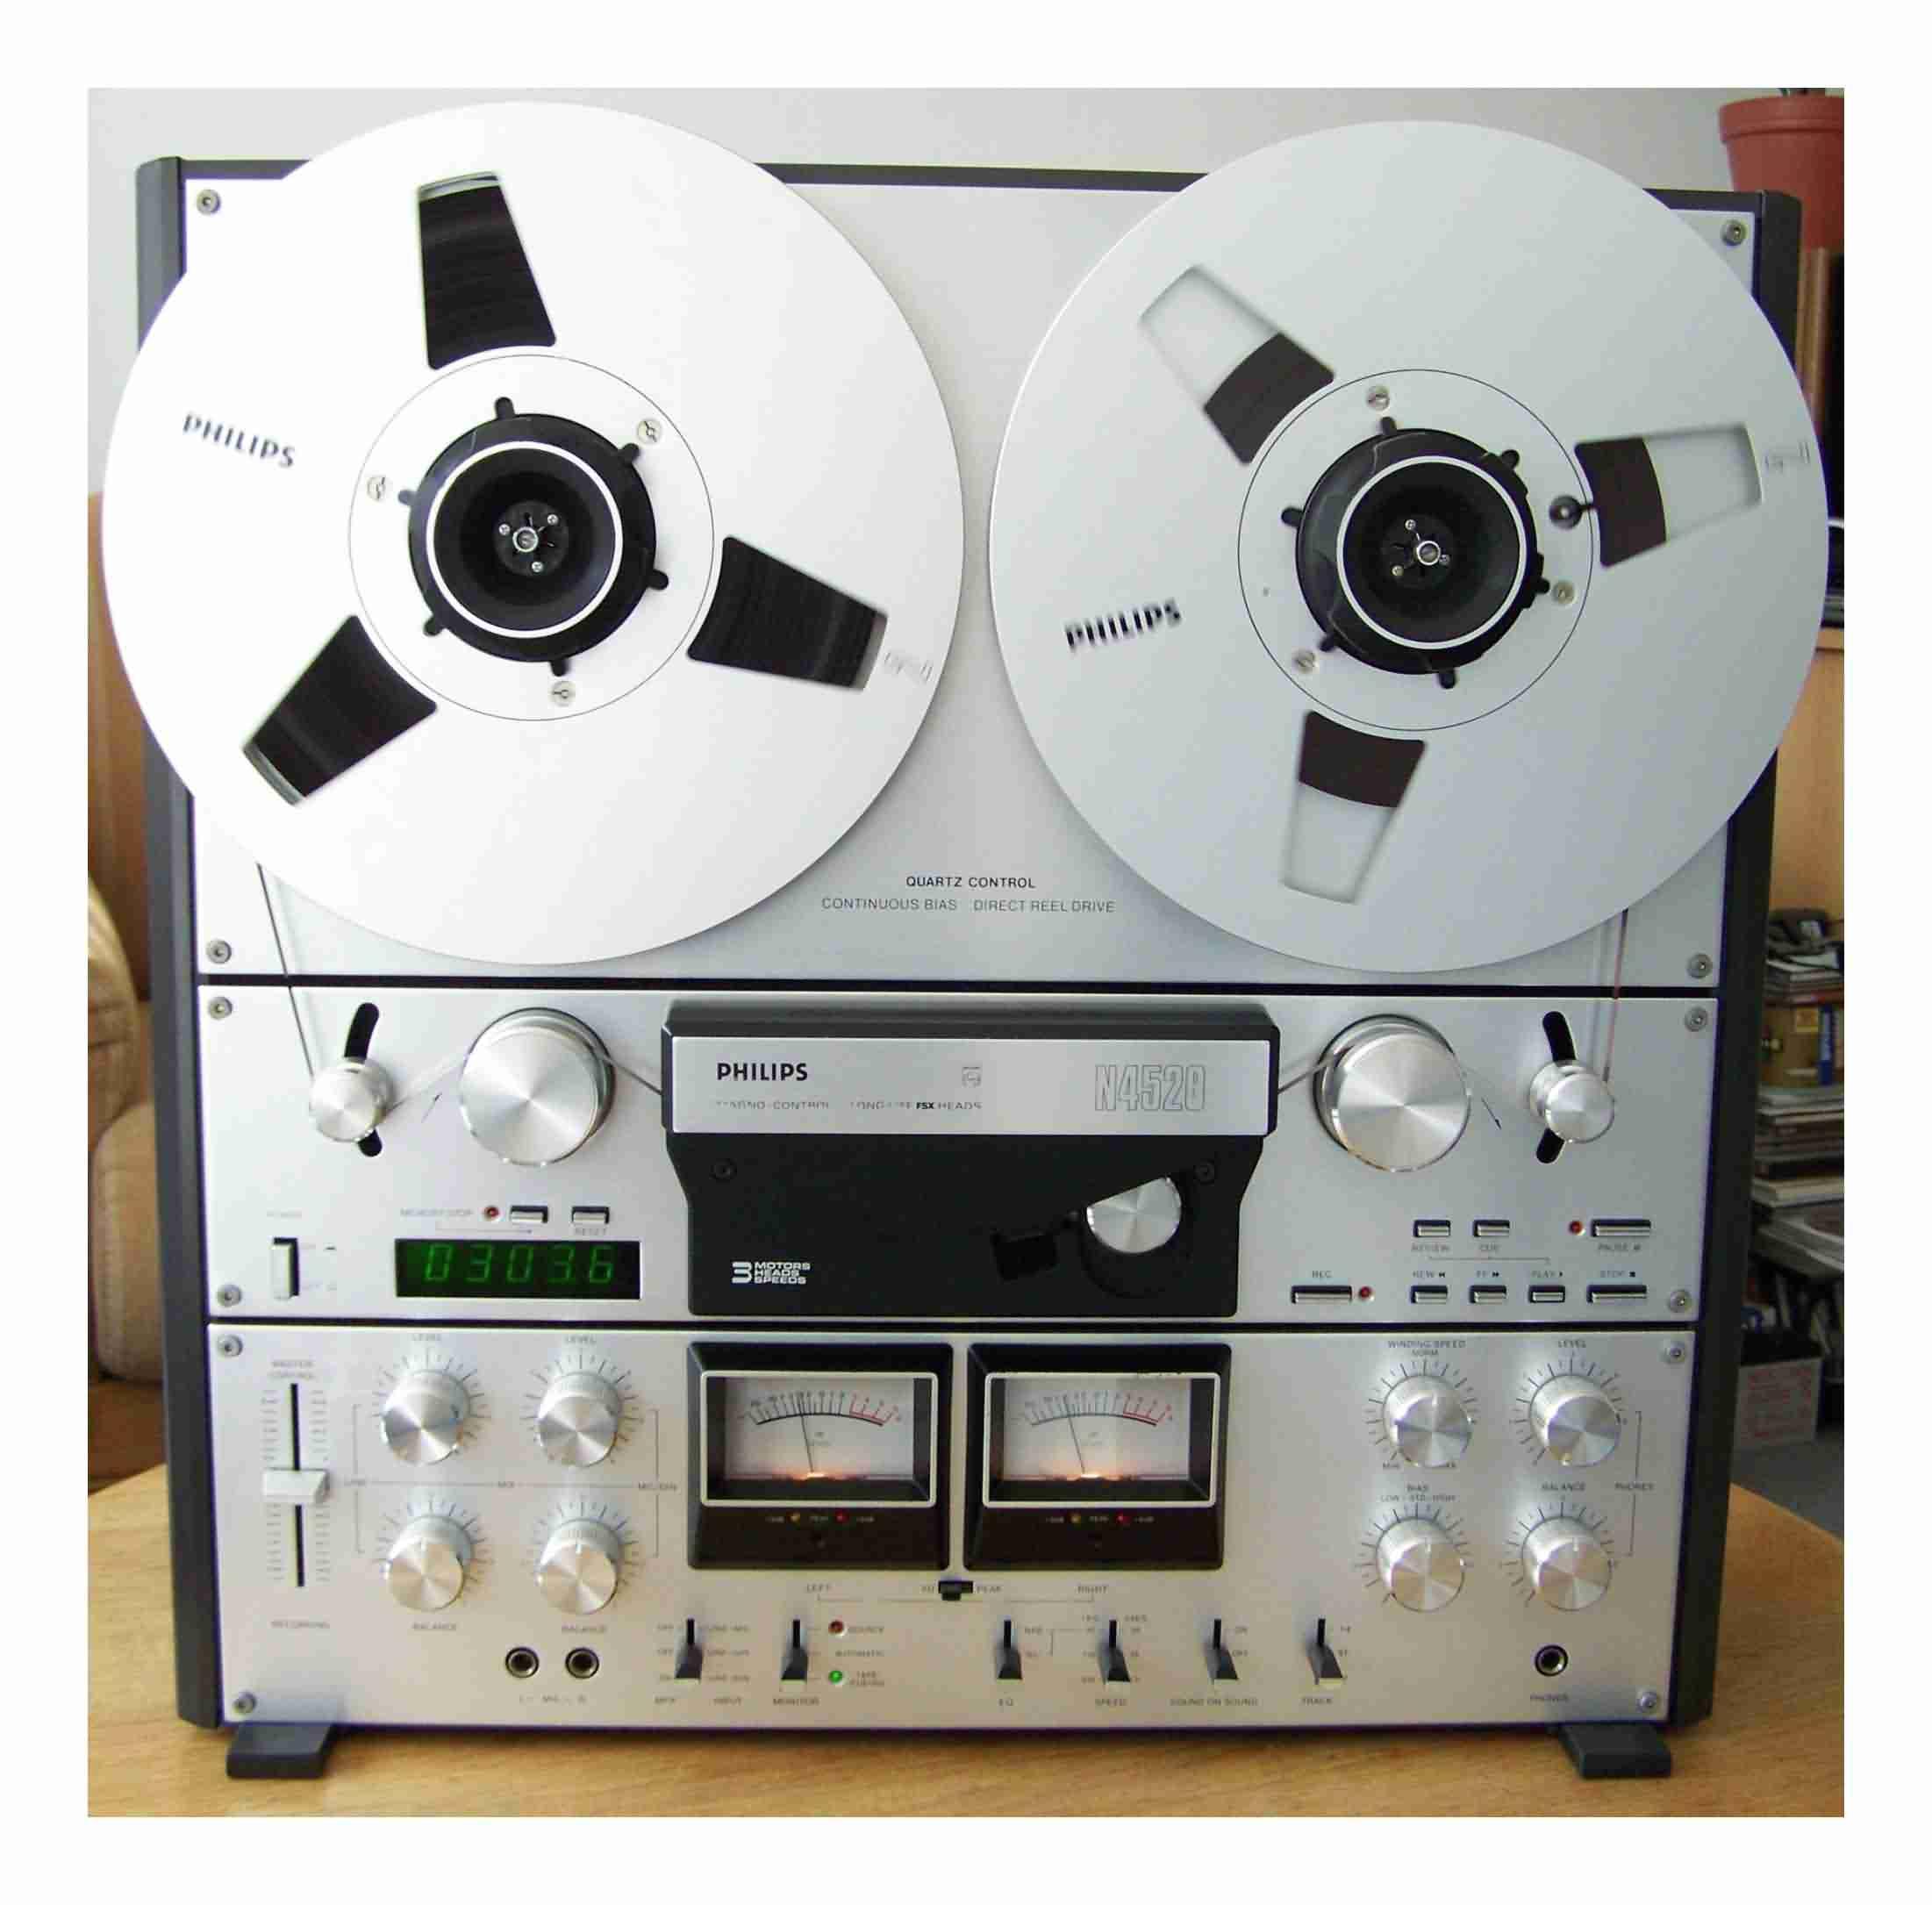 Philips N4520-2.jpg